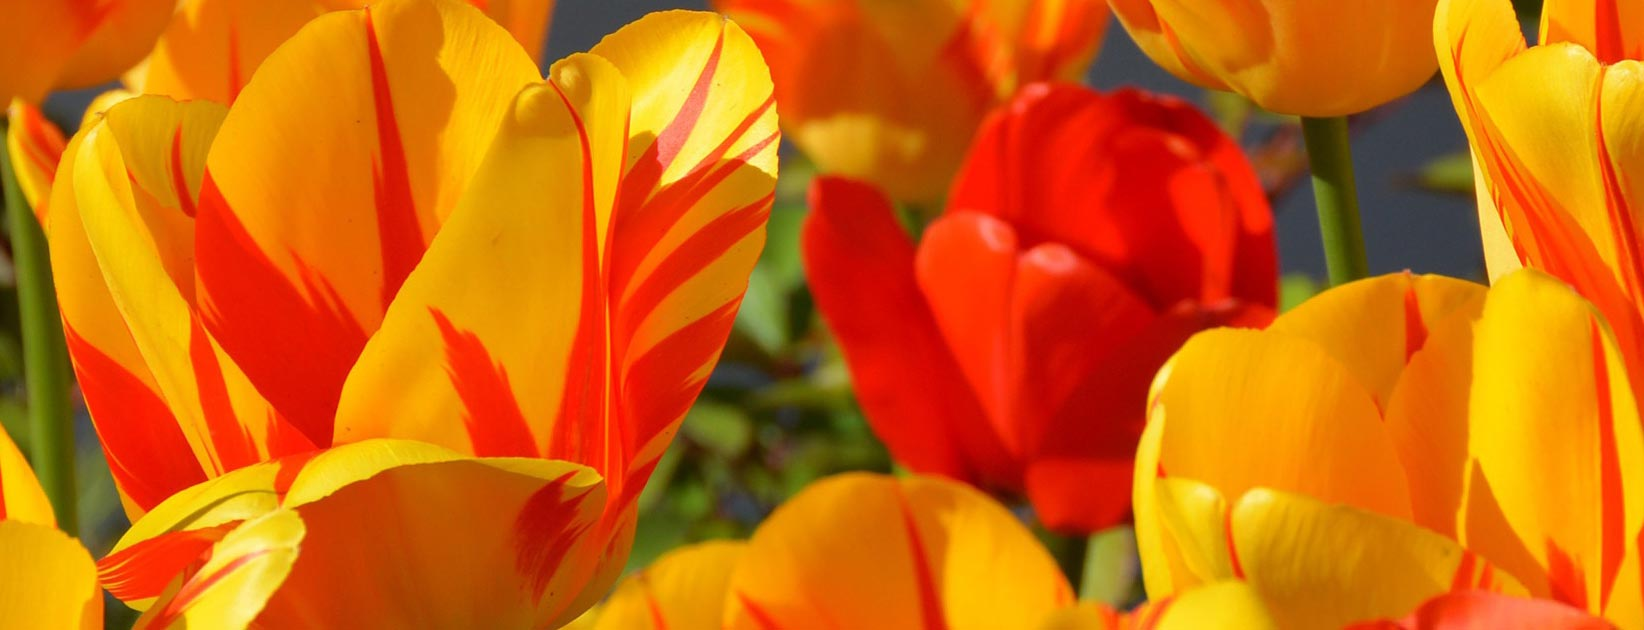 orange colour - ویژگی های رنگ در طراحی داخلی و اثرات روانی و فیزیولوژیکی آنها